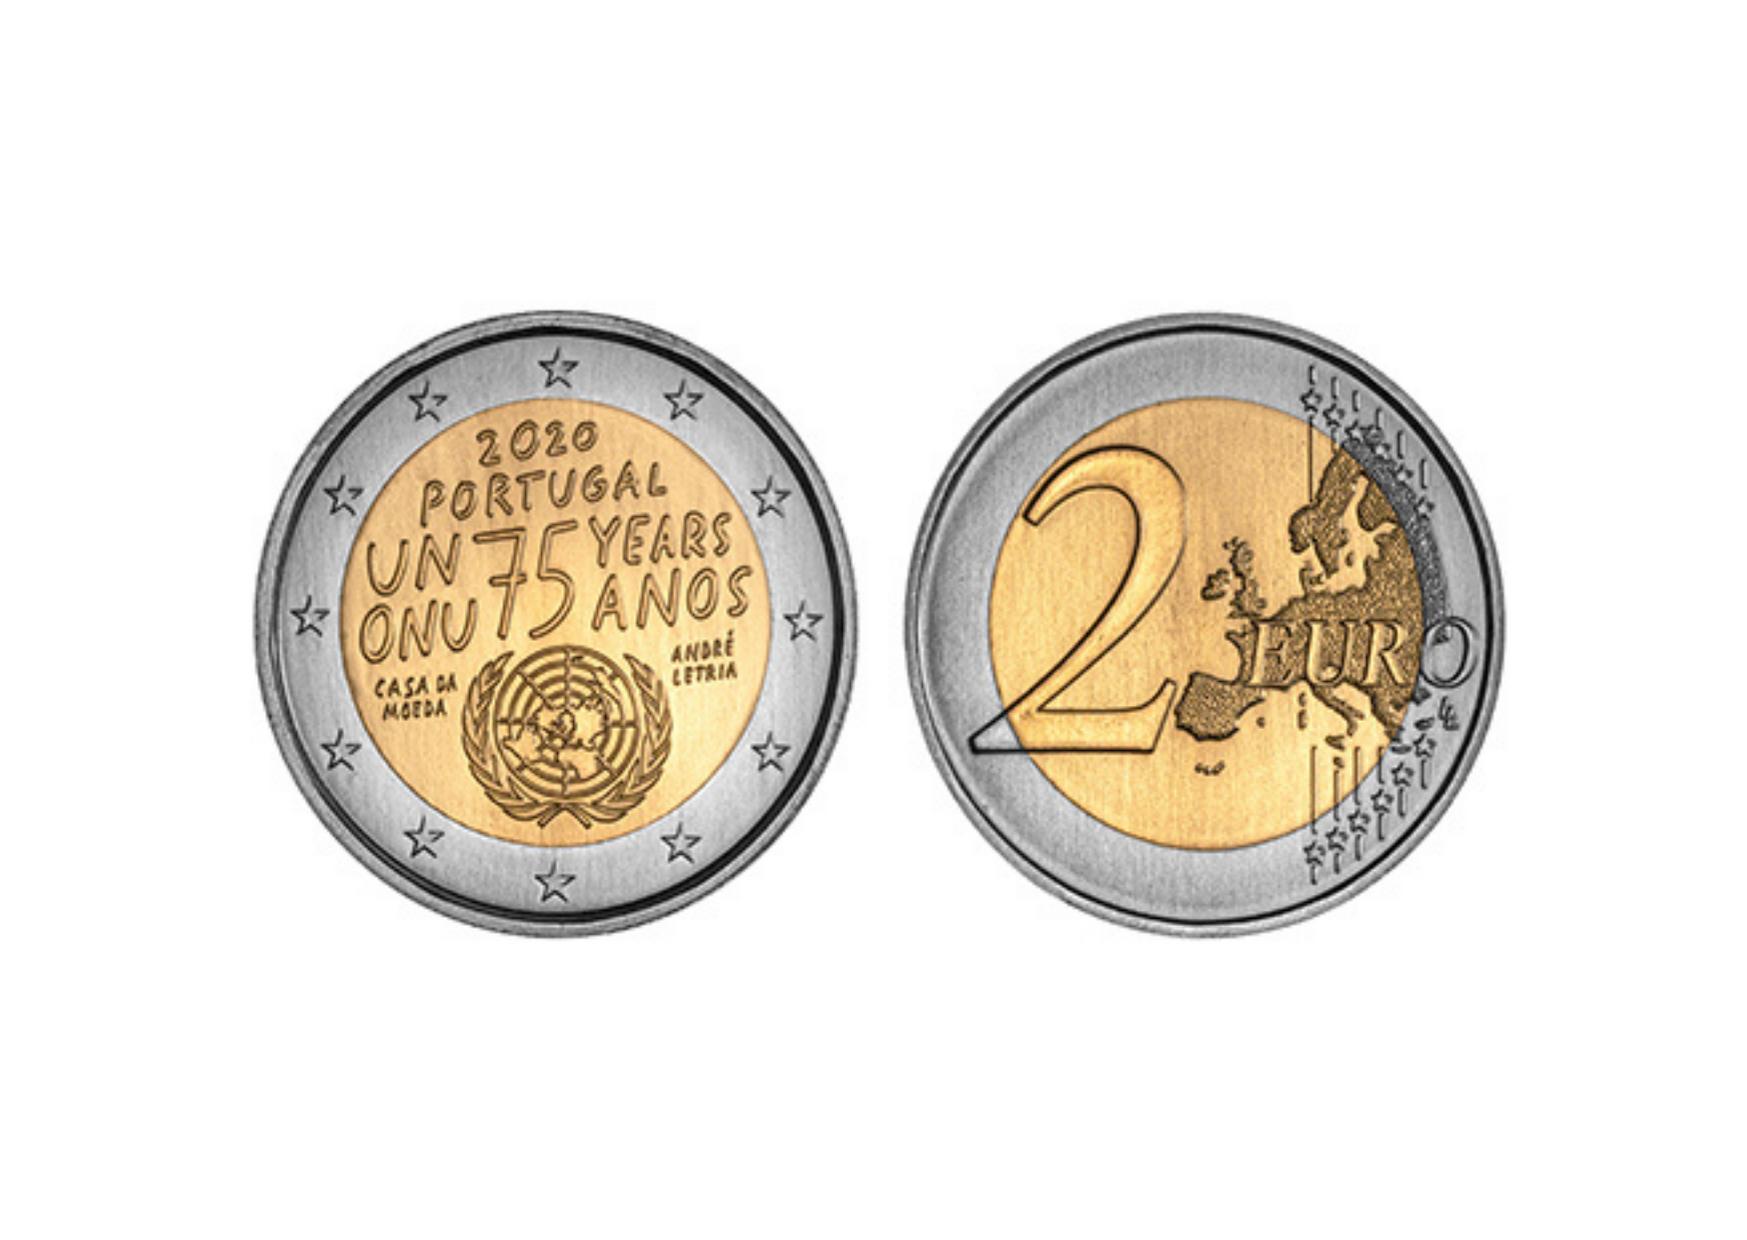 ONU comemora 75 anos com uma exposição grátis e uma moeda nova